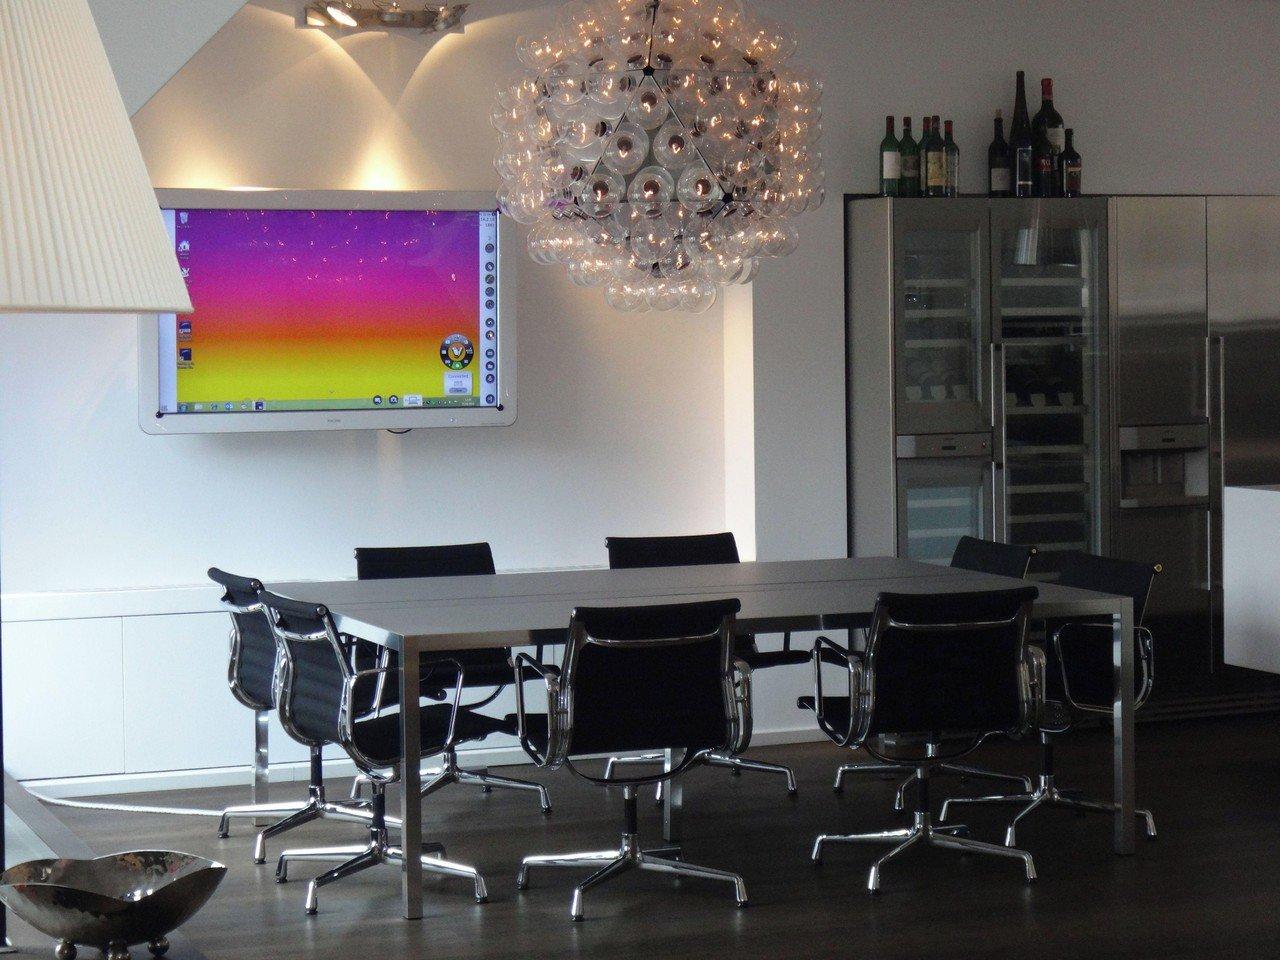 Wien  Meetingraum DNA Smart Living Room image 0